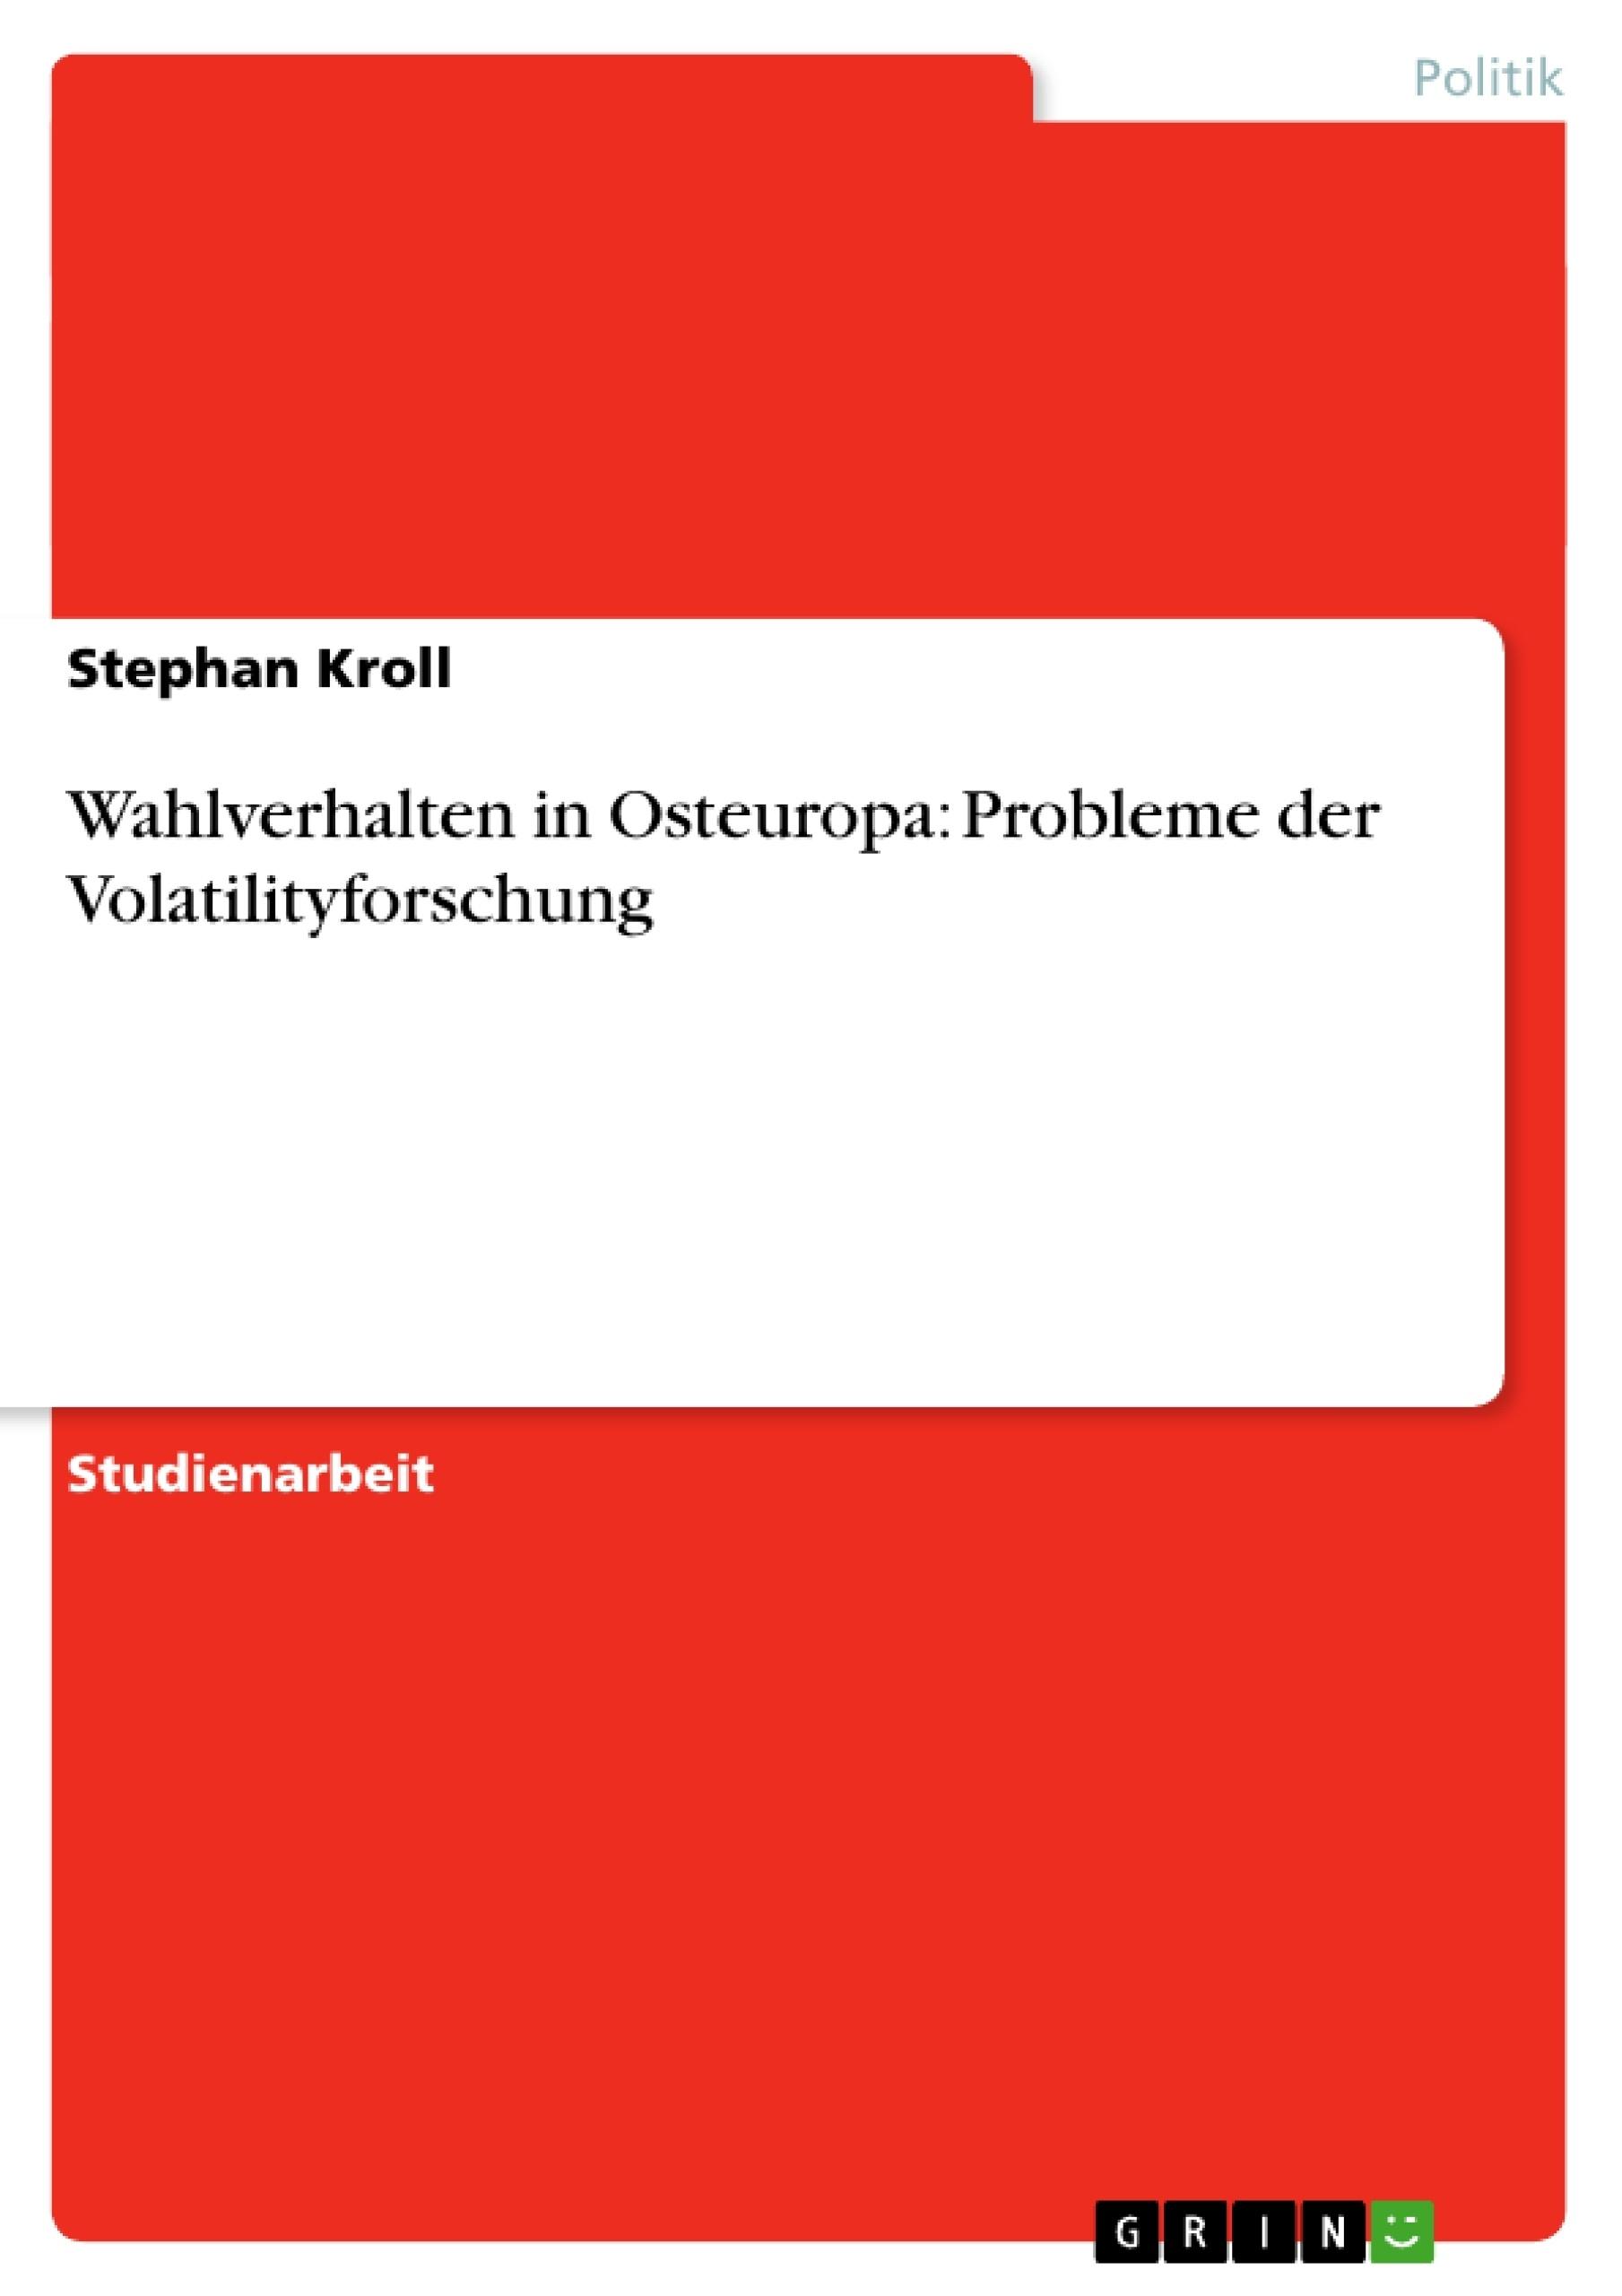 Titel: Wahlverhalten in Osteuropa: Probleme der Volatilityforschung